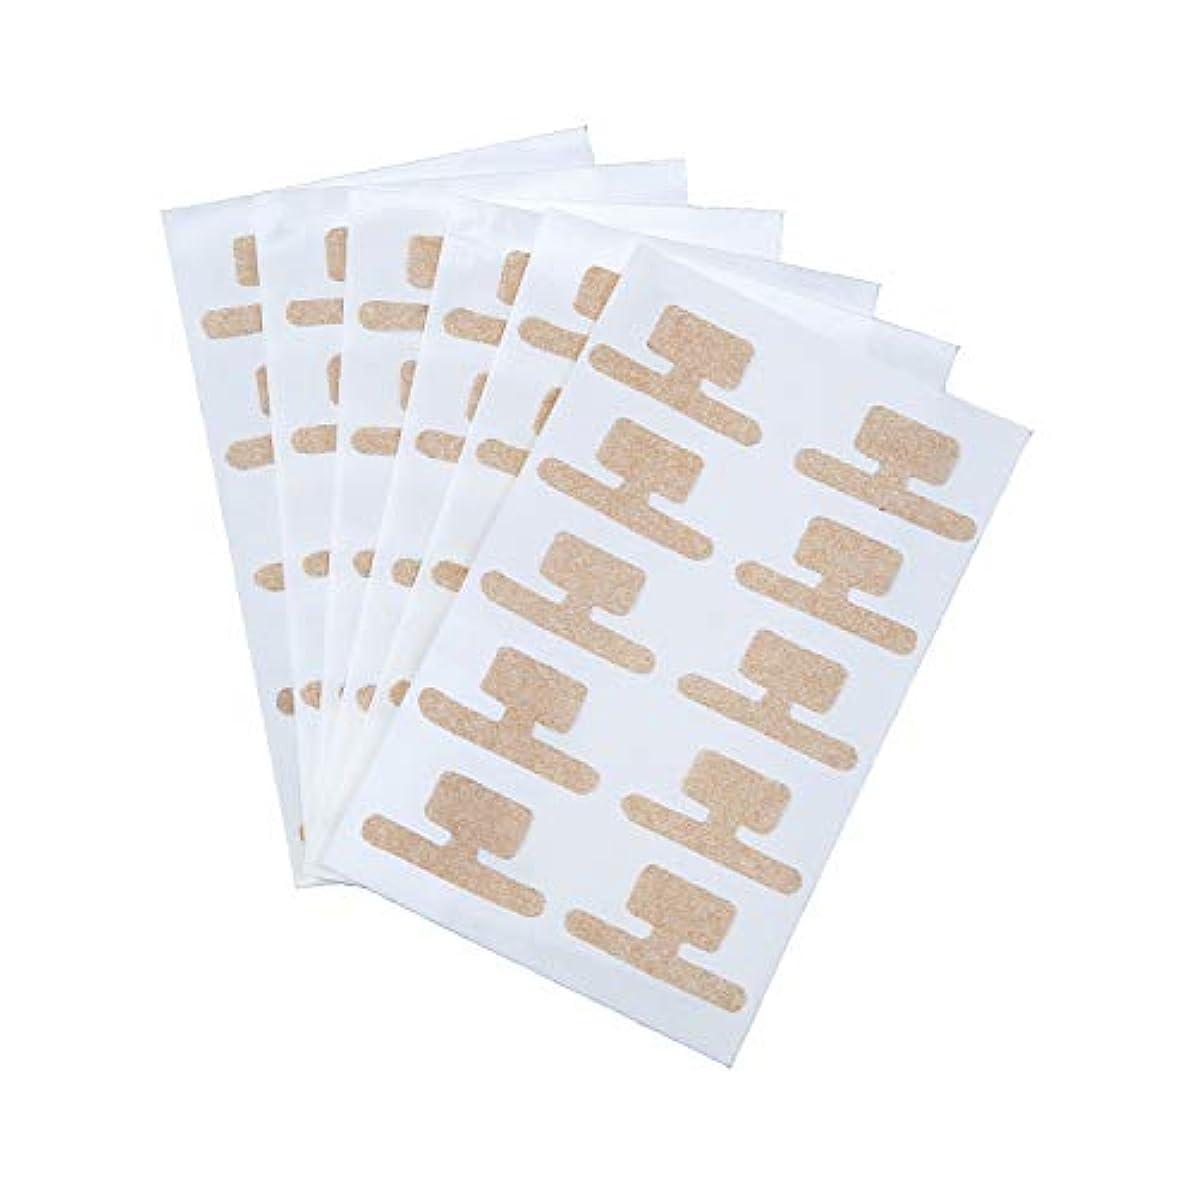 グレートバリアリーフインタネットを見る日記巻き爪ダブルケアテープ 60枚入 持ち上げ シール 食い込み 痛み サポート 貼るだけ 足 フットケア